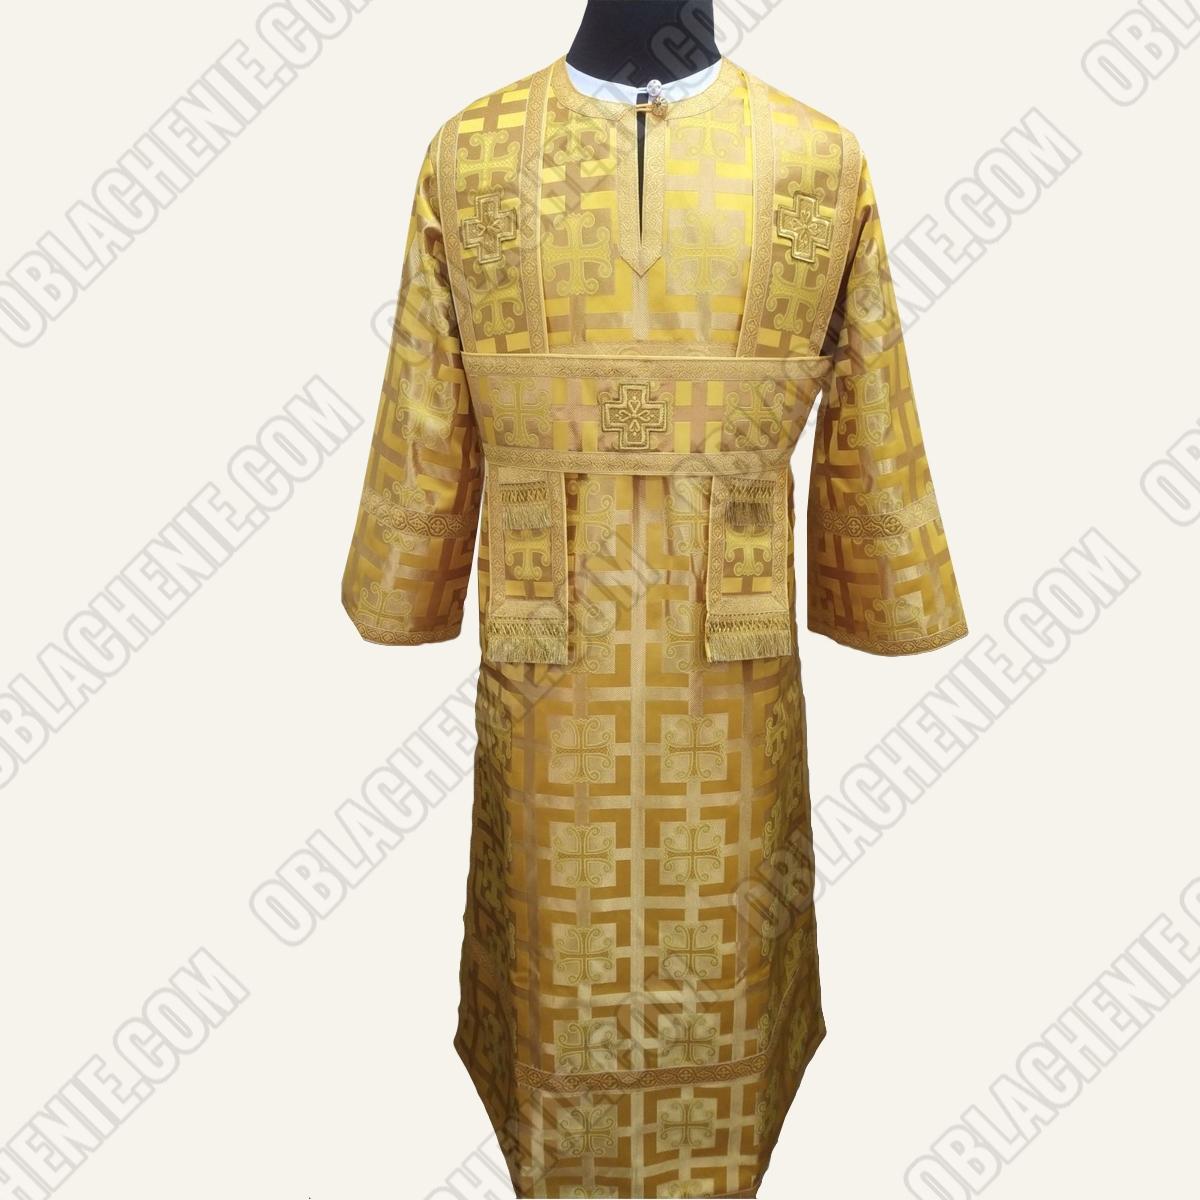 Subdeacon's vestments 11108